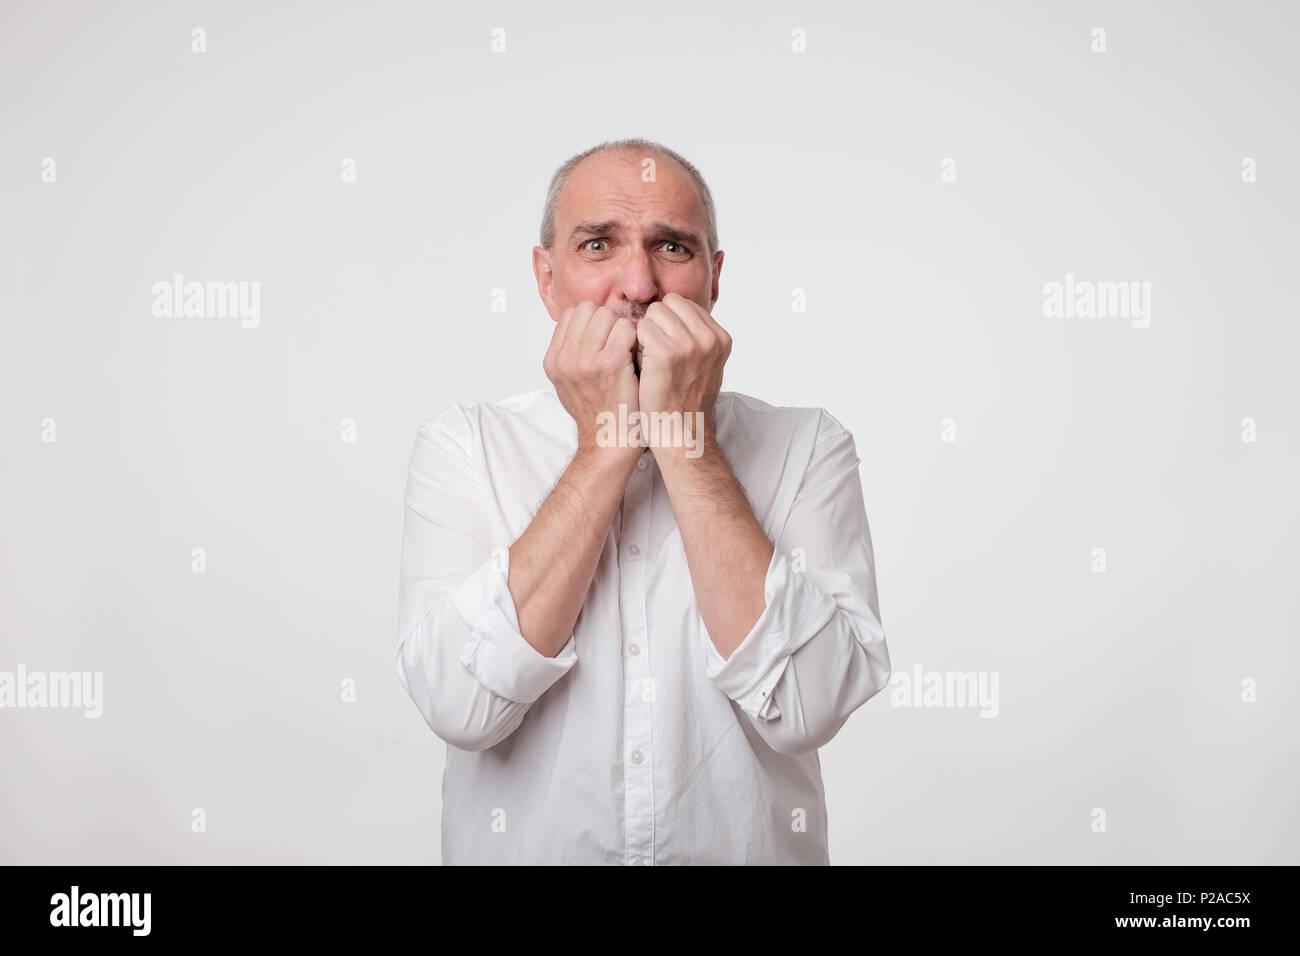 Imbarazzato nervoso uomo morde le unghie. Imprenditore maturo sembra preoccupato prima di visitare il medico o il dentista. Ansioso di manager interessati hanno paura di difficile Immagini Stock